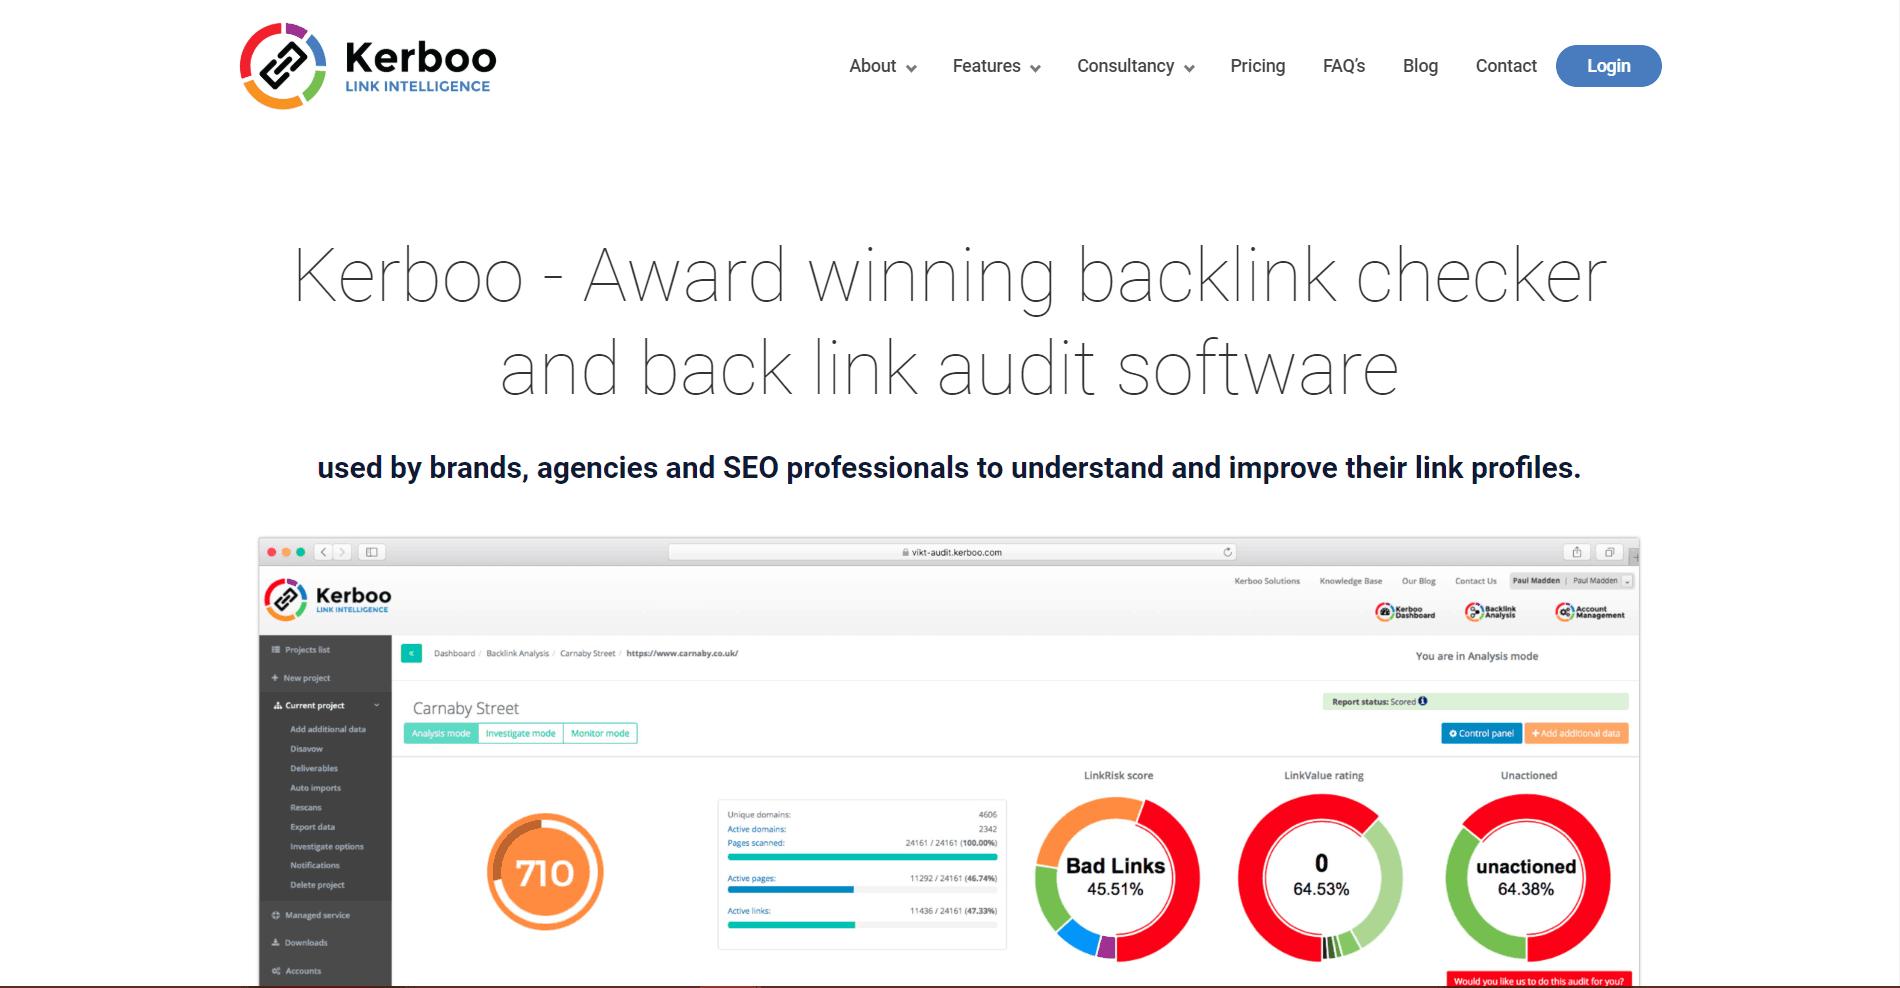 Kerboo Backlink Analysis Tool